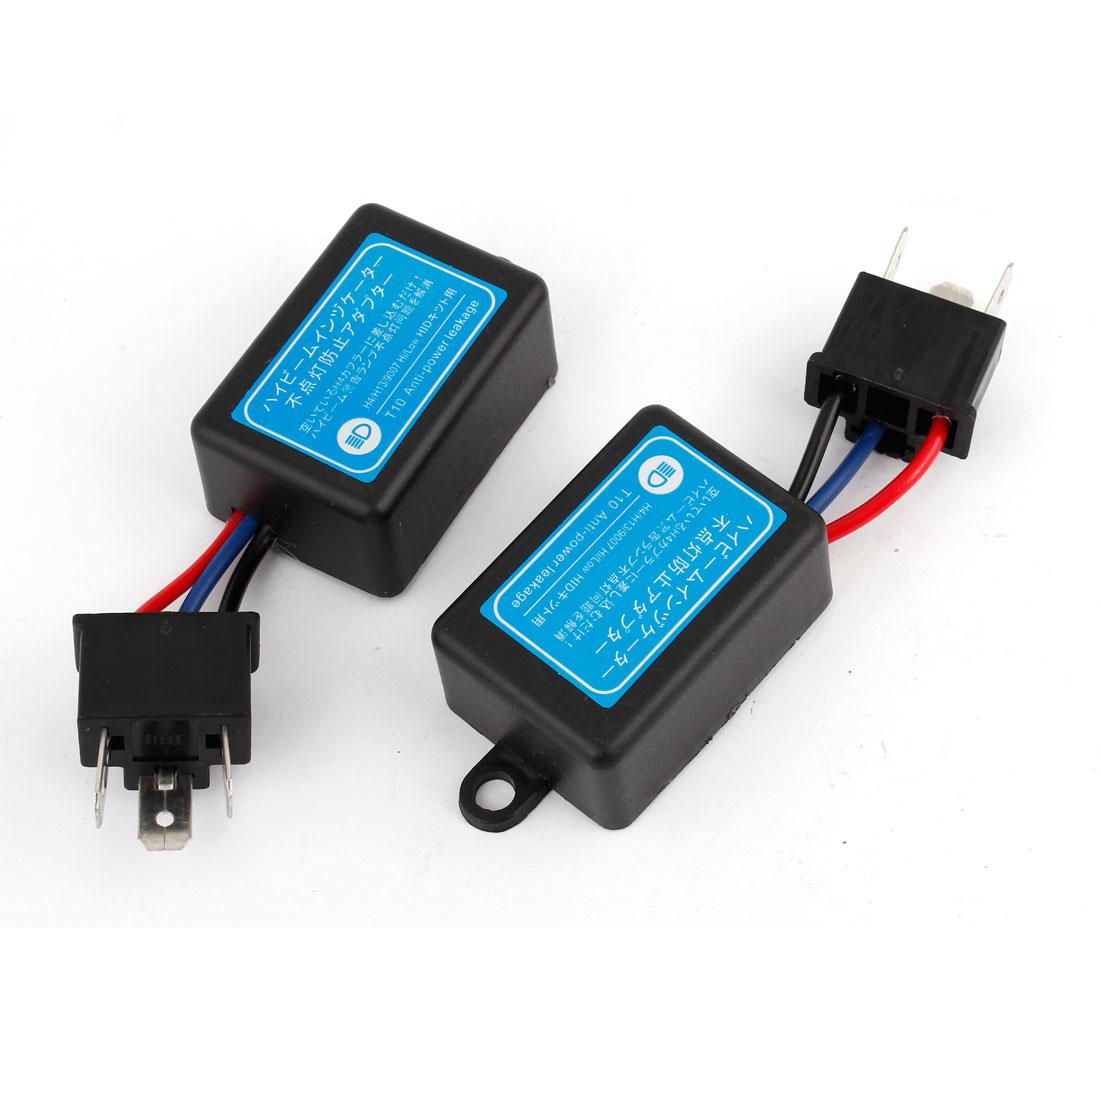 2 Pcs Car H4 HID Error Warning Canceller Anti-power Leakage Module Black